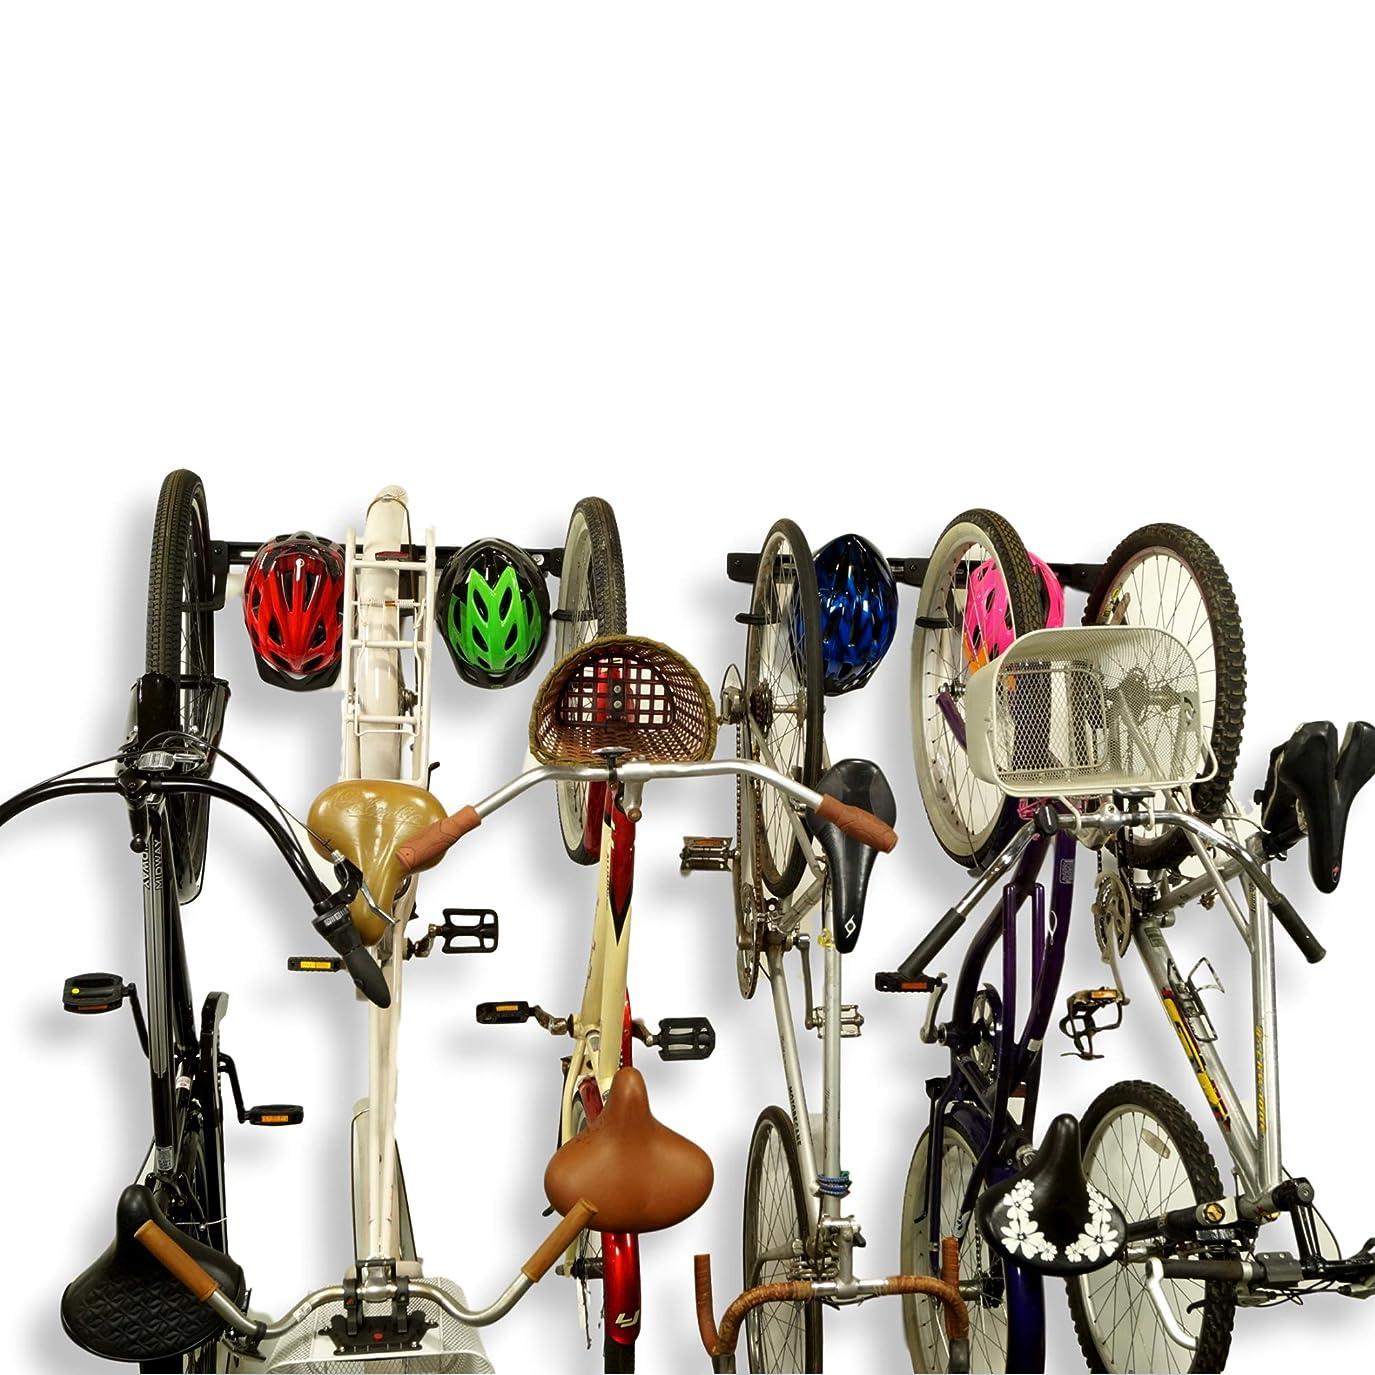 宿る交通渋滞生き物Koova 壁掛け自転車ストレージラック ガレージハンガー 自転車3台+ヘルメット用 大型クルーザー/大型タイヤマウンテンバイクにもフィット 高耐久パウダーコーティングスチール アメリカ製 6 Bike Rack